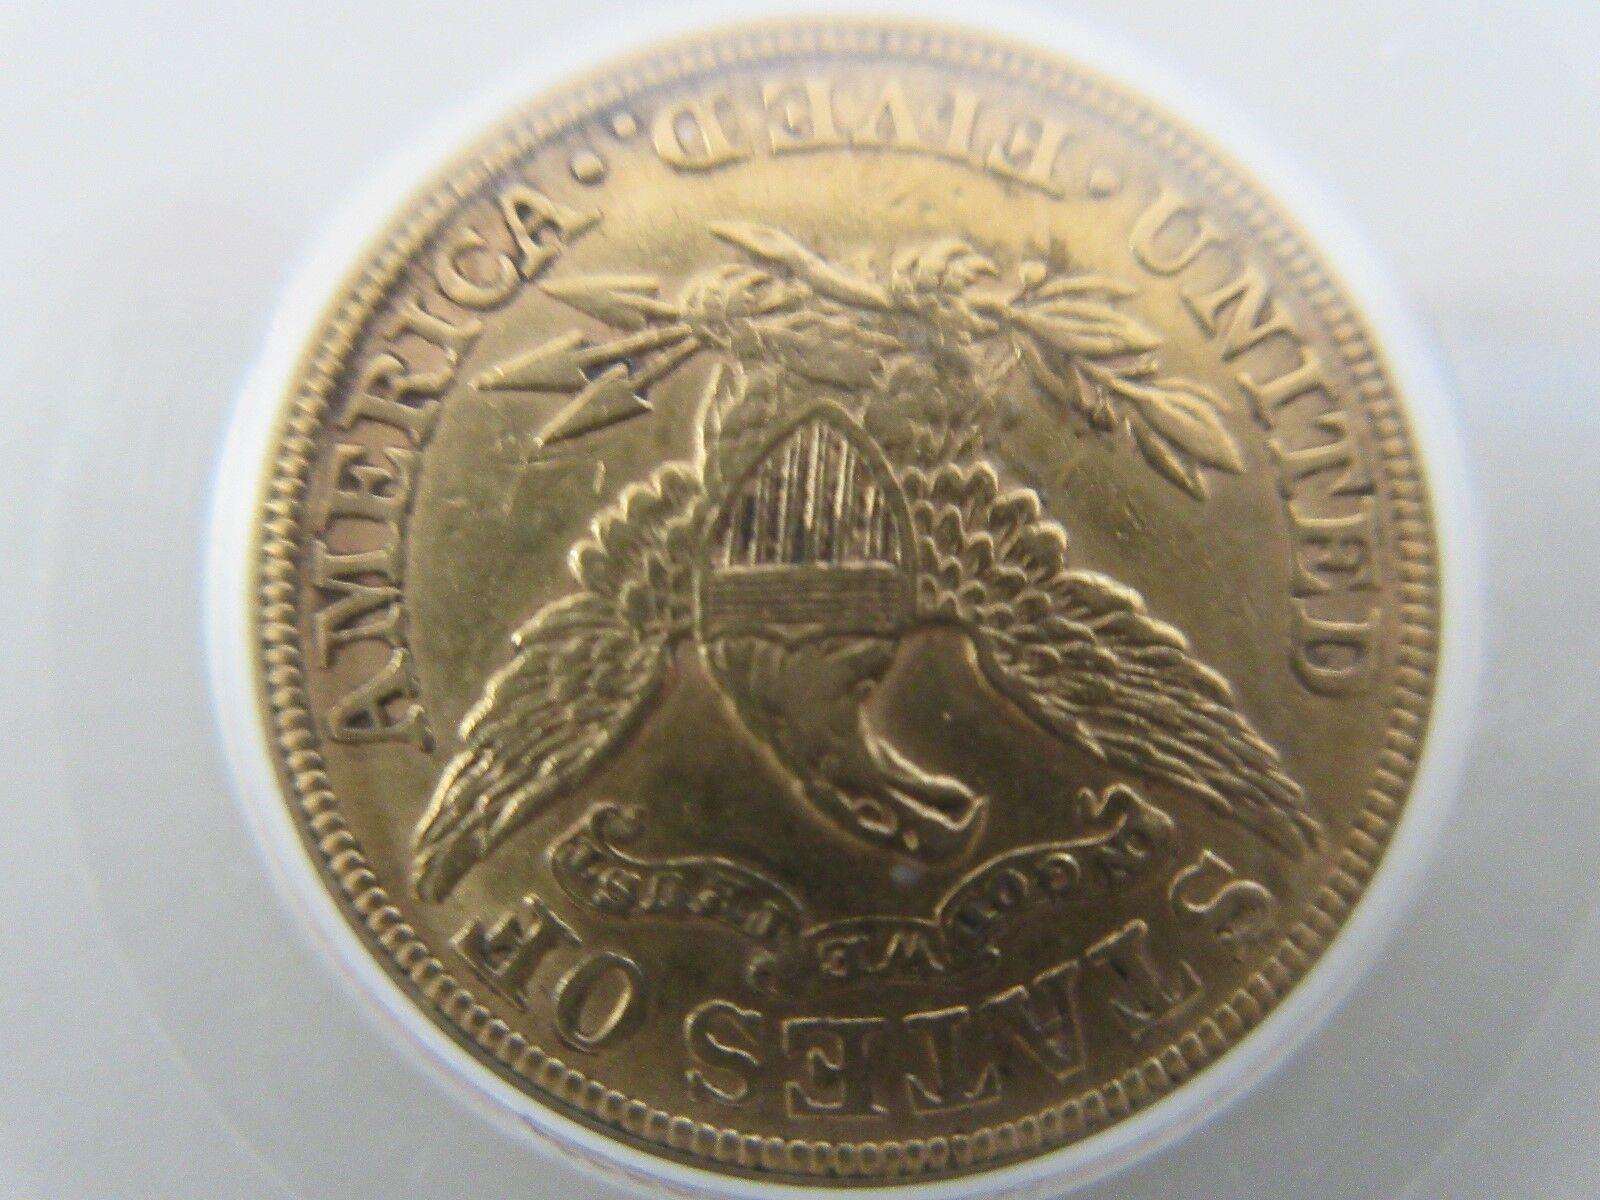 1880 , Coronet Head $5 Half Eagle